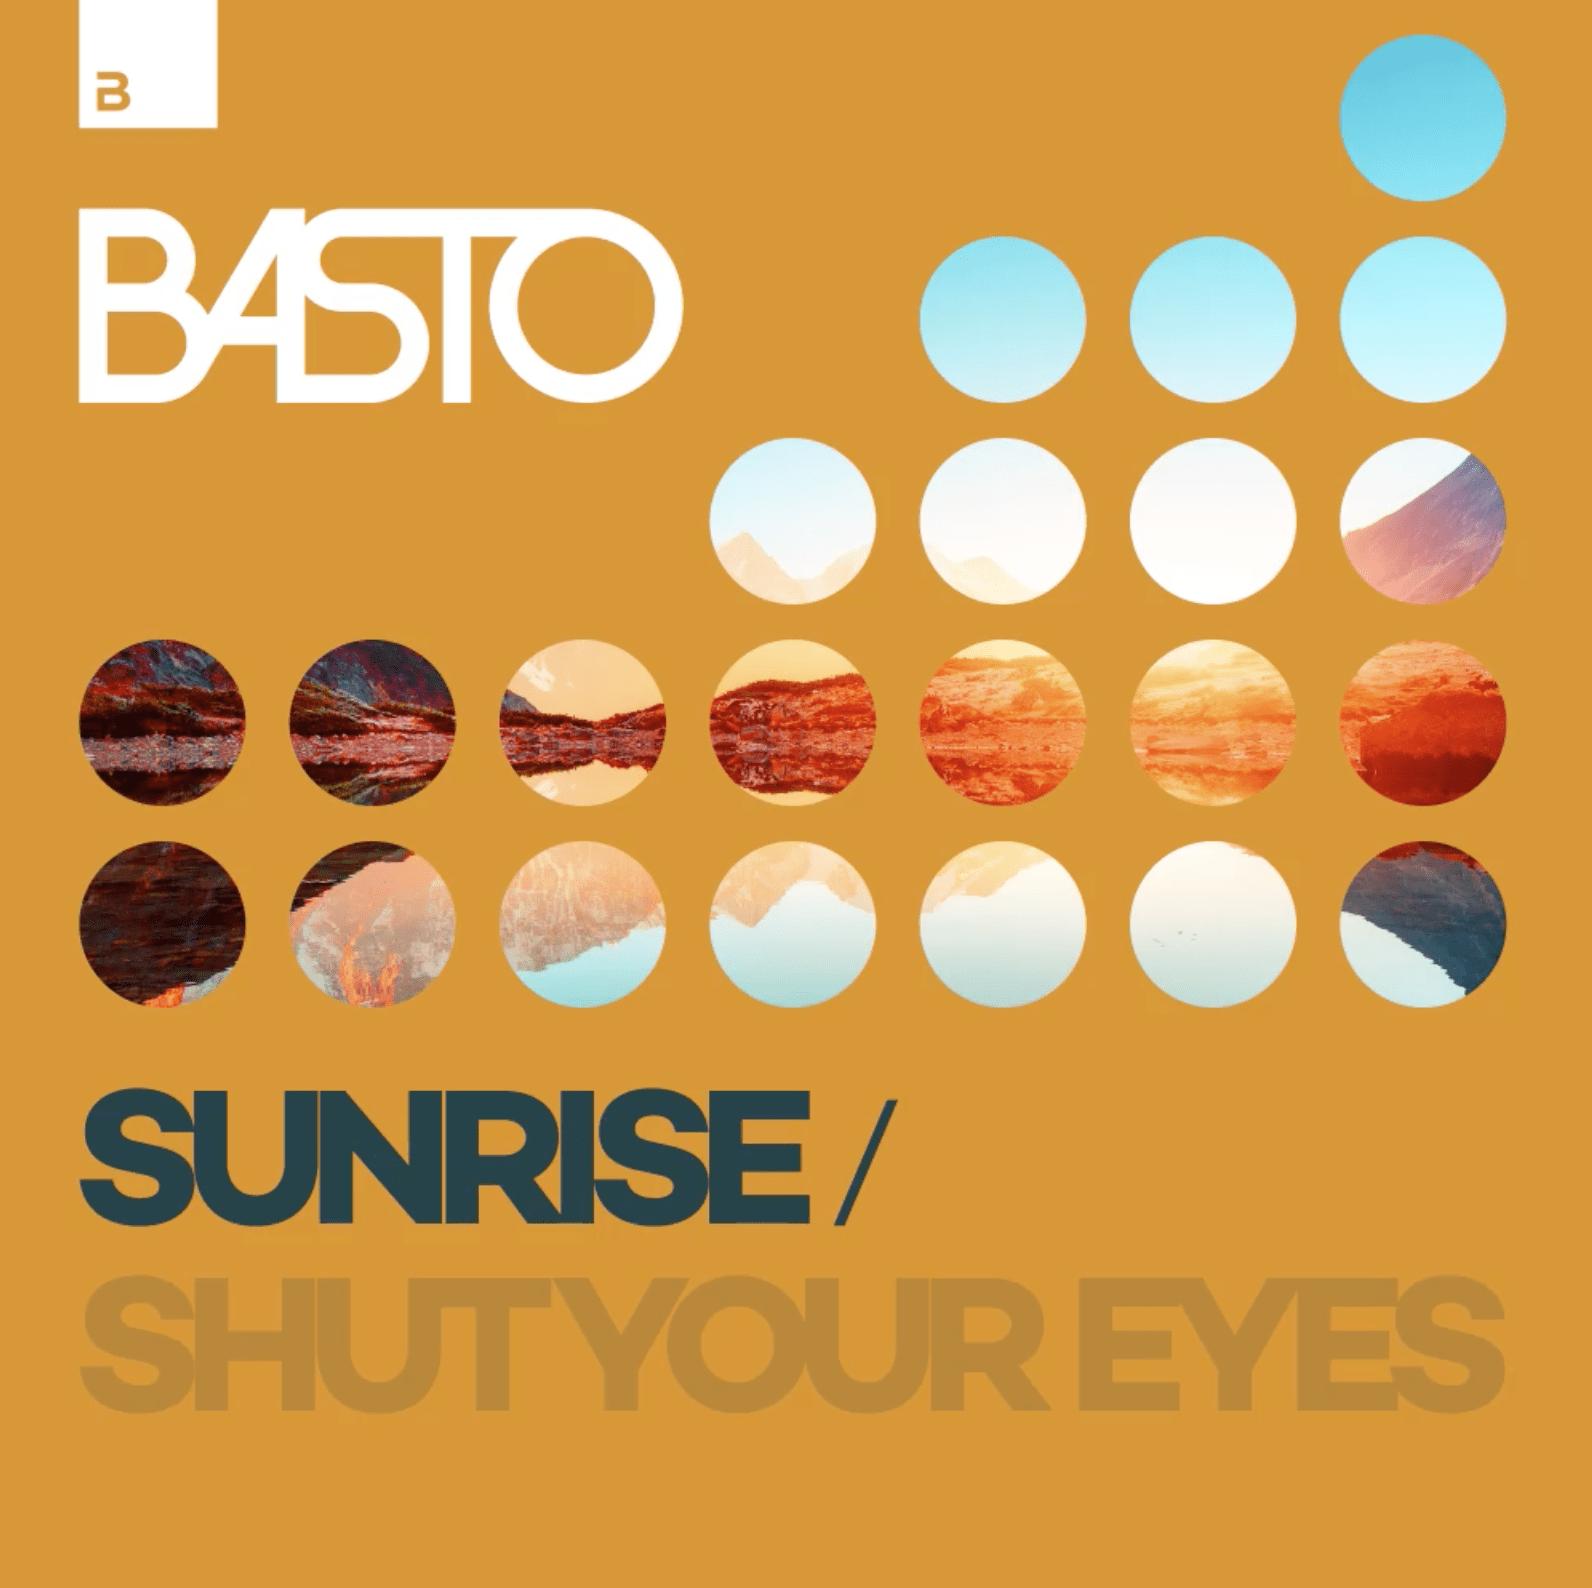 Basto - Sunrise/Shut Your Eyes EP